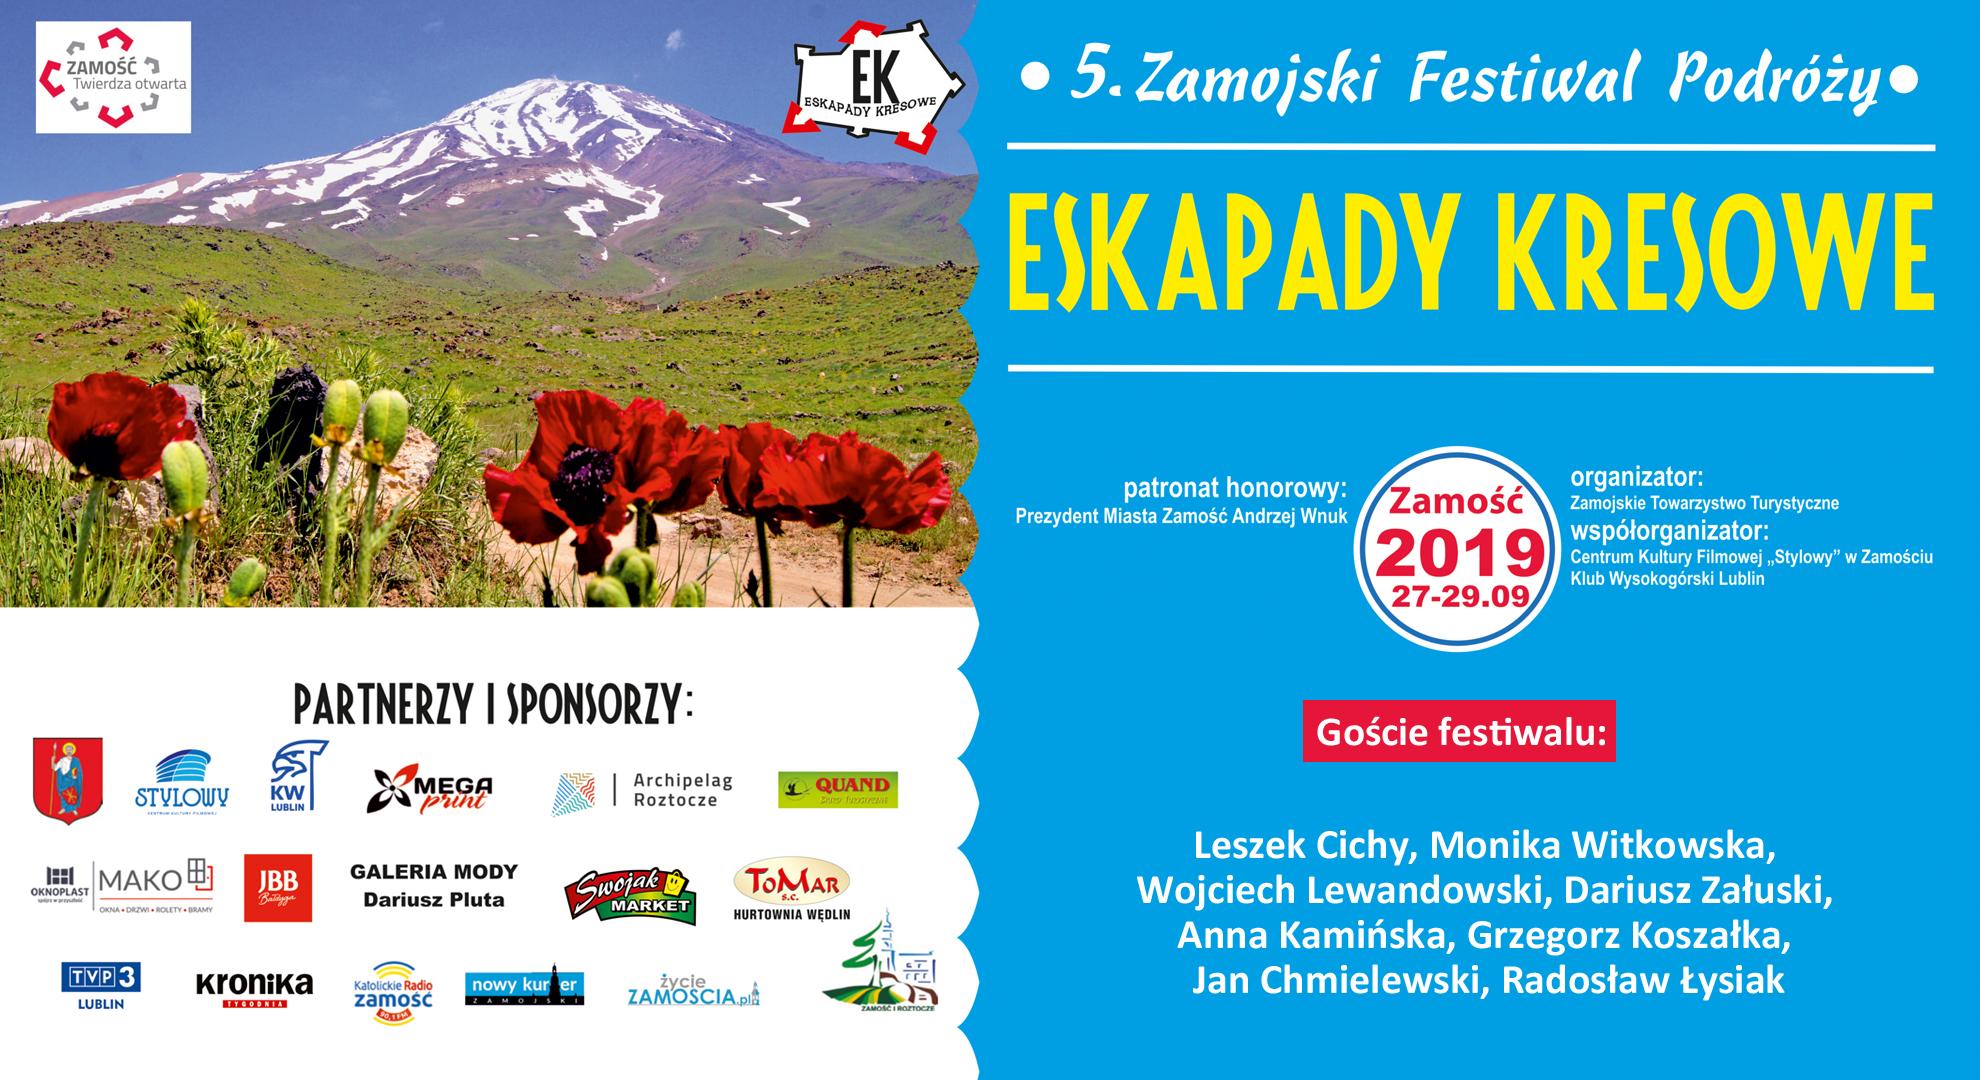 """plansza Przed nami 5. Zamojski Festiwal Podróży """"Eskapady Kresowe"""" [PROGRAM]"""